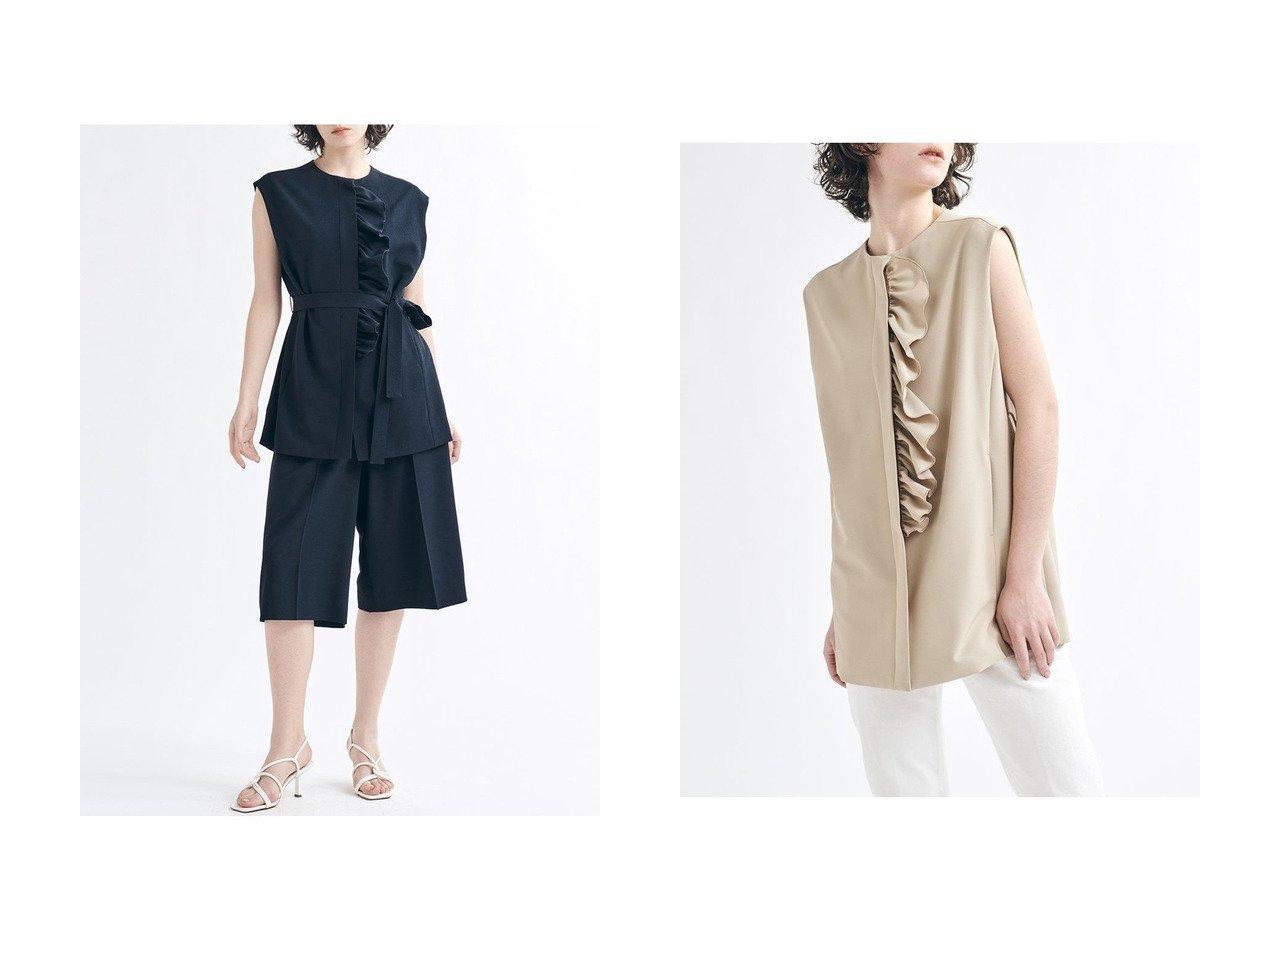 【LANVIN en Bleu/ランバン オン ブルー】のフロントフリルノーカラージャケット 【アウター】おすすめ!人気、トレンド・レディースファッションの通販  おすすめで人気の流行・トレンド、ファッションの通販商品 メンズファッション・キッズファッション・インテリア・家具・レディースファッション・服の通販 founy(ファニー) https://founy.com/ ファッション Fashion レディースファッション WOMEN アウター Coat Outerwear ジャケット Jackets ノーカラージャケット No Collar Leather Jackets 春 Spring ジャケット ストレッチ セットアップ ツイル ノースリーブ バランス フリル ベスト ミドル ワイド 2021年 2021 S/S 春夏 SS Spring/Summer 2021 春夏 S/S SS Spring/Summer 2021 おすすめ Recommend |ID:crp329100000025522